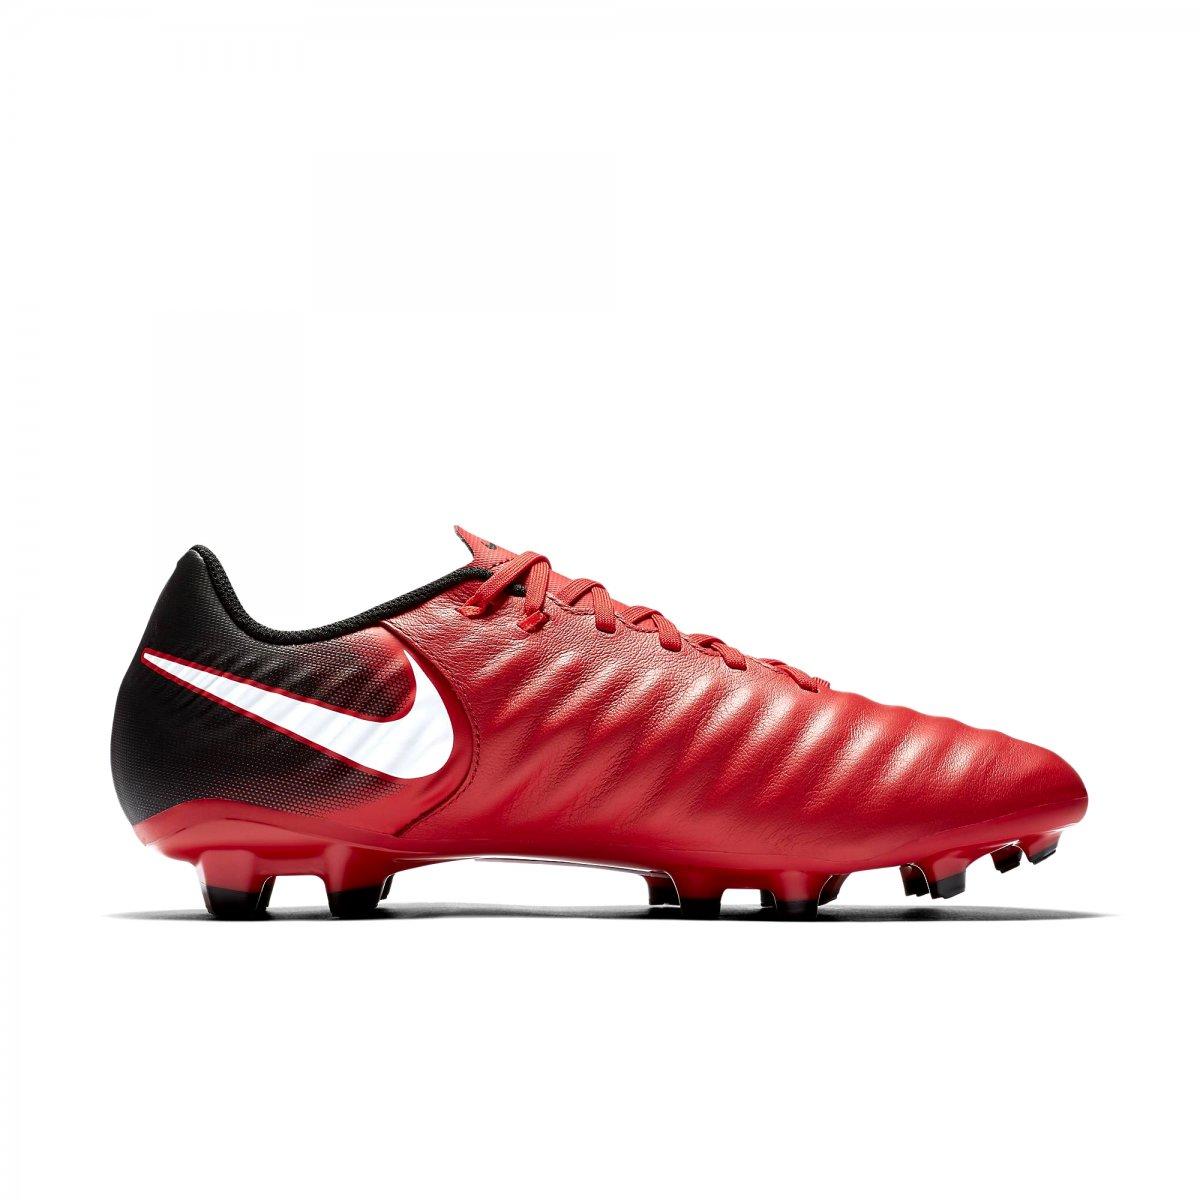 Chuteira Campo Nike Tiempo Ligera IV FG 897744-616 Preto Vermelho b47bdbd7c5bdf